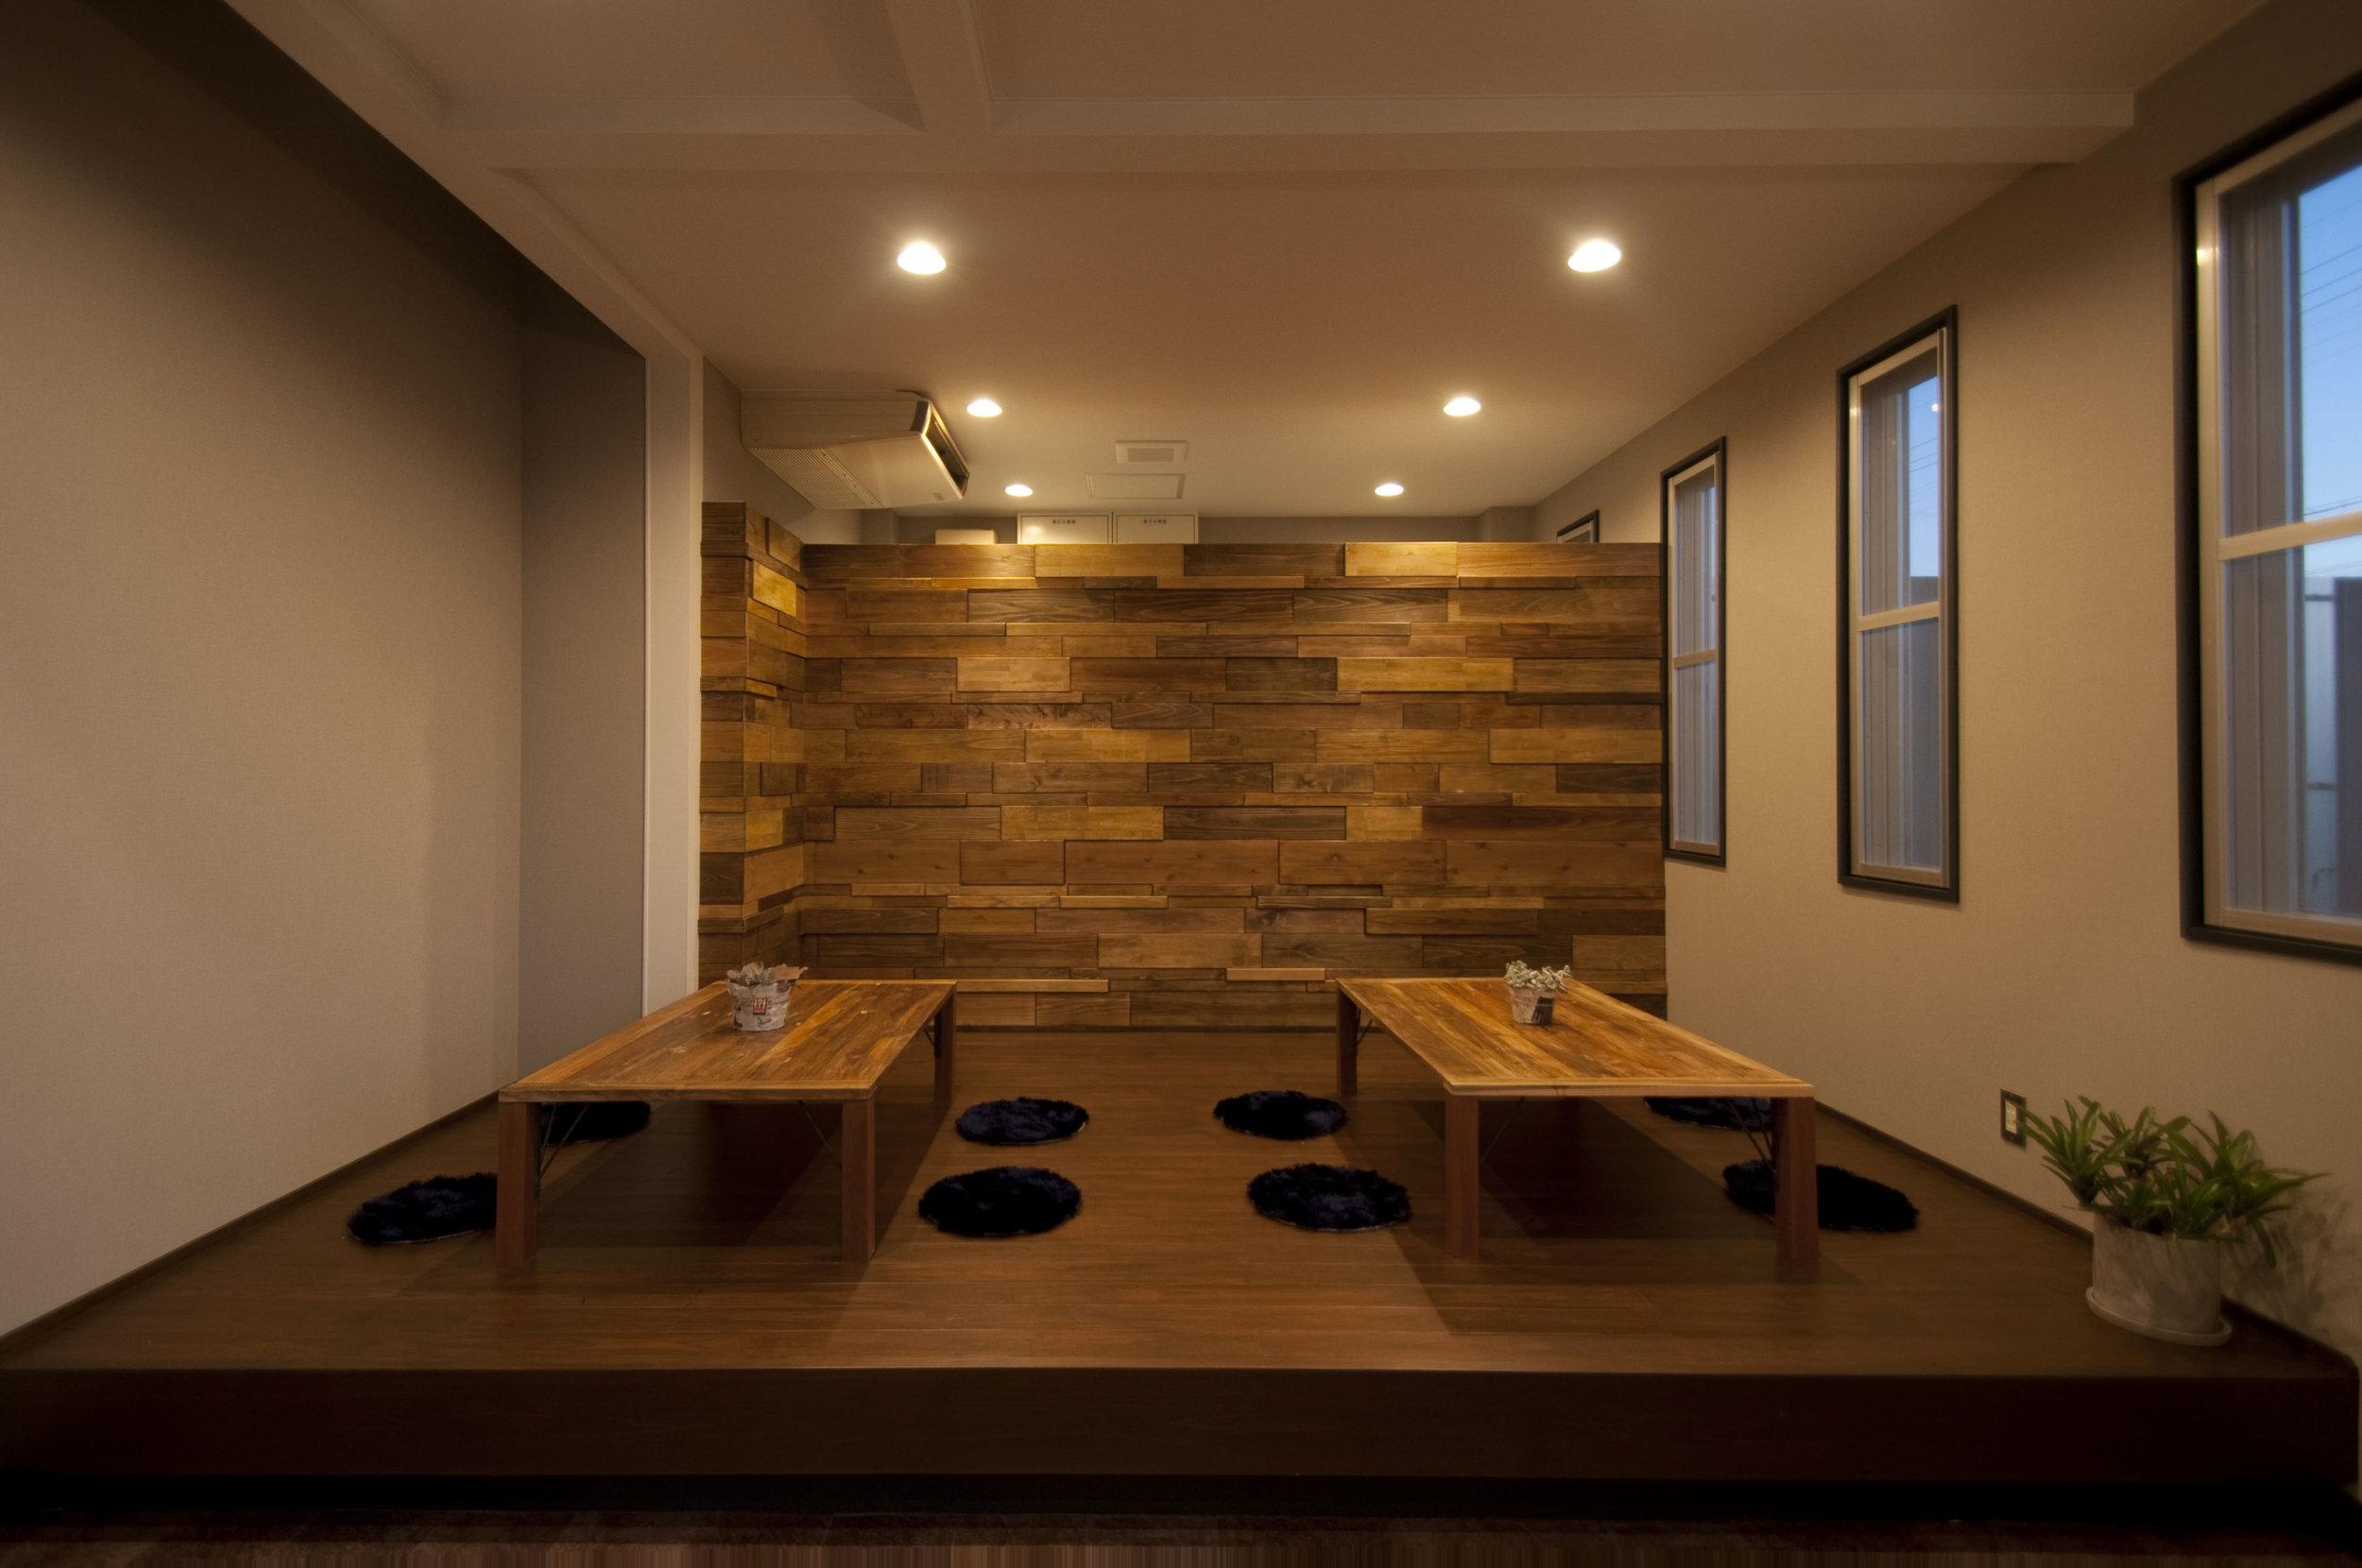 tona cafe トナカフェ 成正建装 愛知県 犬山市 新築 リフォーム 古民家再生 家づくり14.jpg